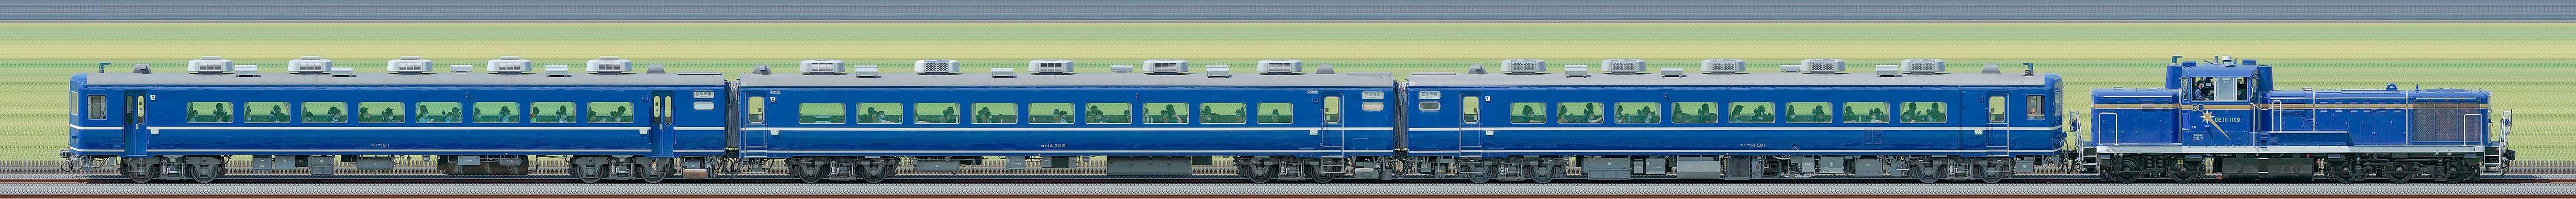 DE10 1109けん引『DE10北斗星カラーデビュー記念 東武鉄道をほぼ1日満喫する旅』ツアー列車(海側)の編成サイドビュー